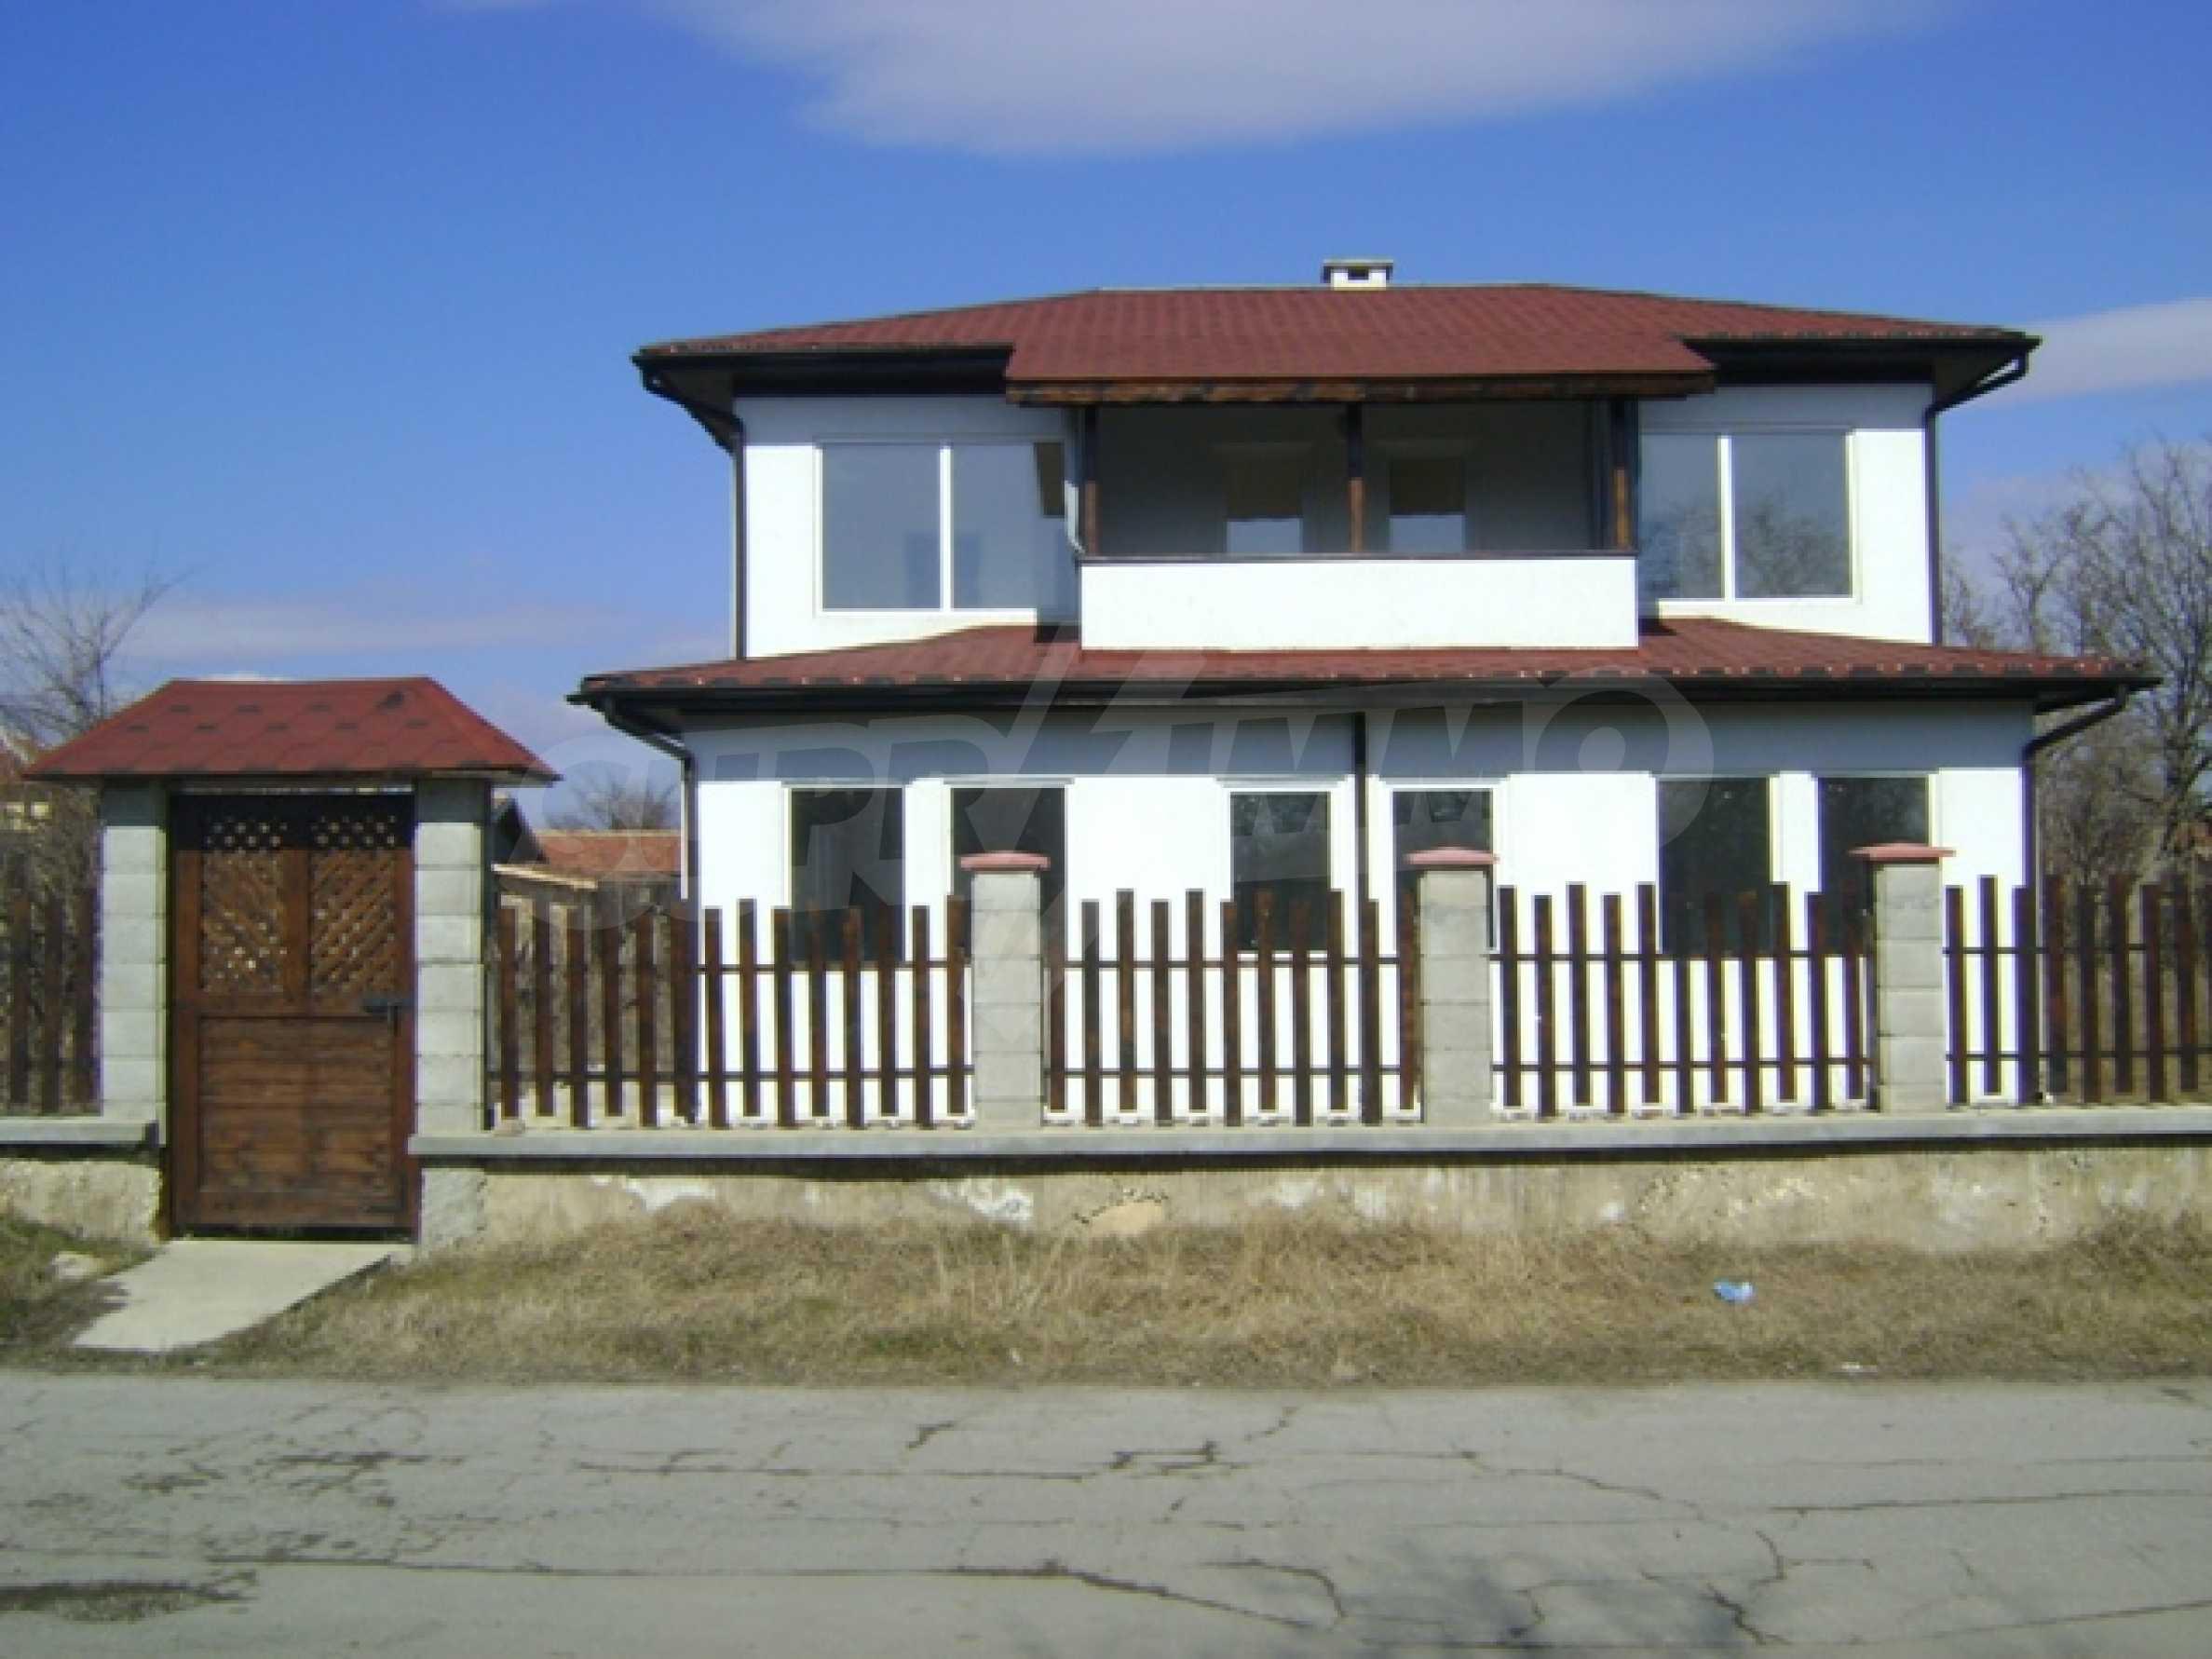 Neues Haus im Dorf Vetrino 4